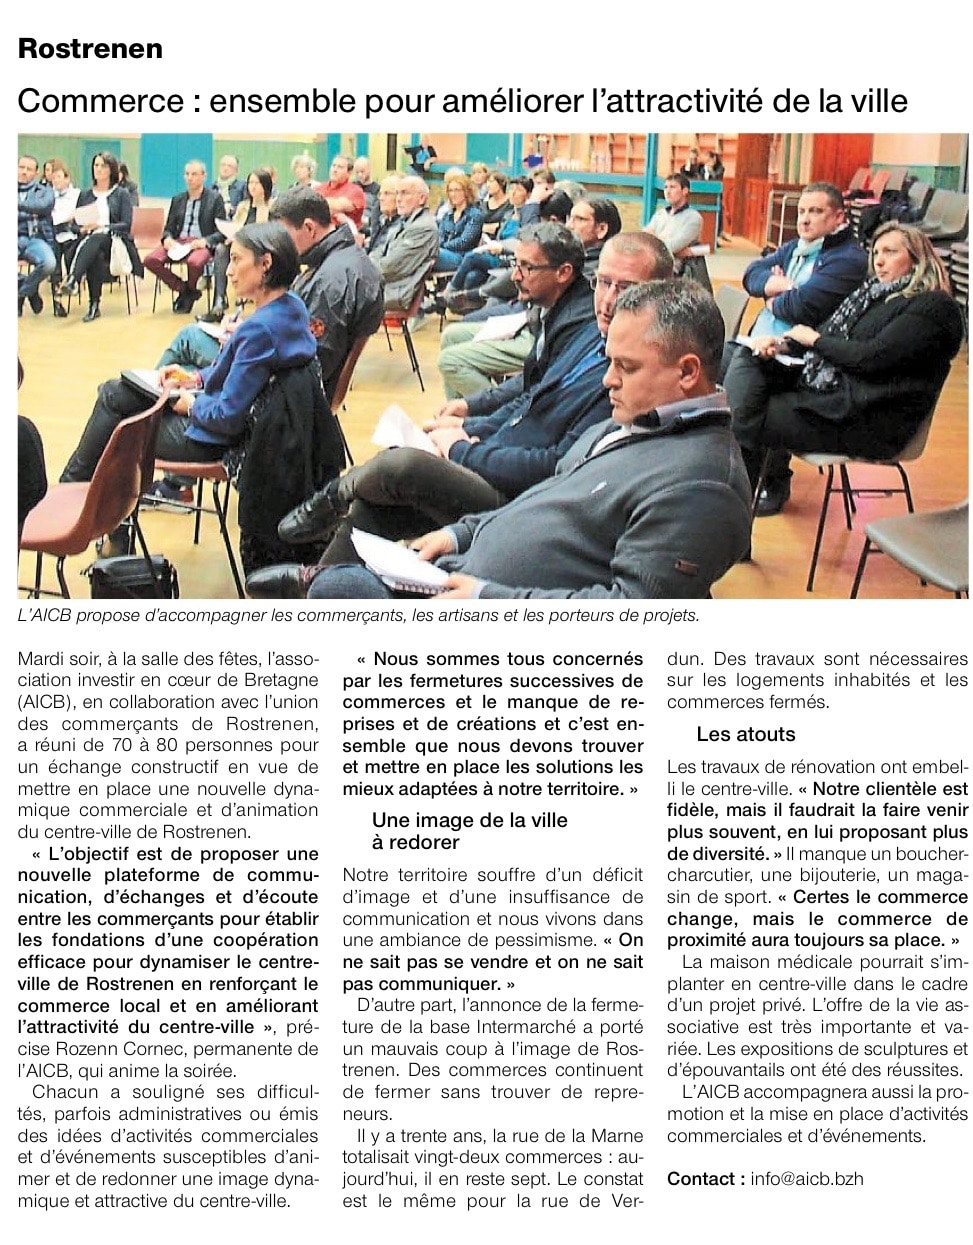 Communiqué de Presse - Commerce, ensemble pour améliorer l'attractivité de la ville  - Ouest France